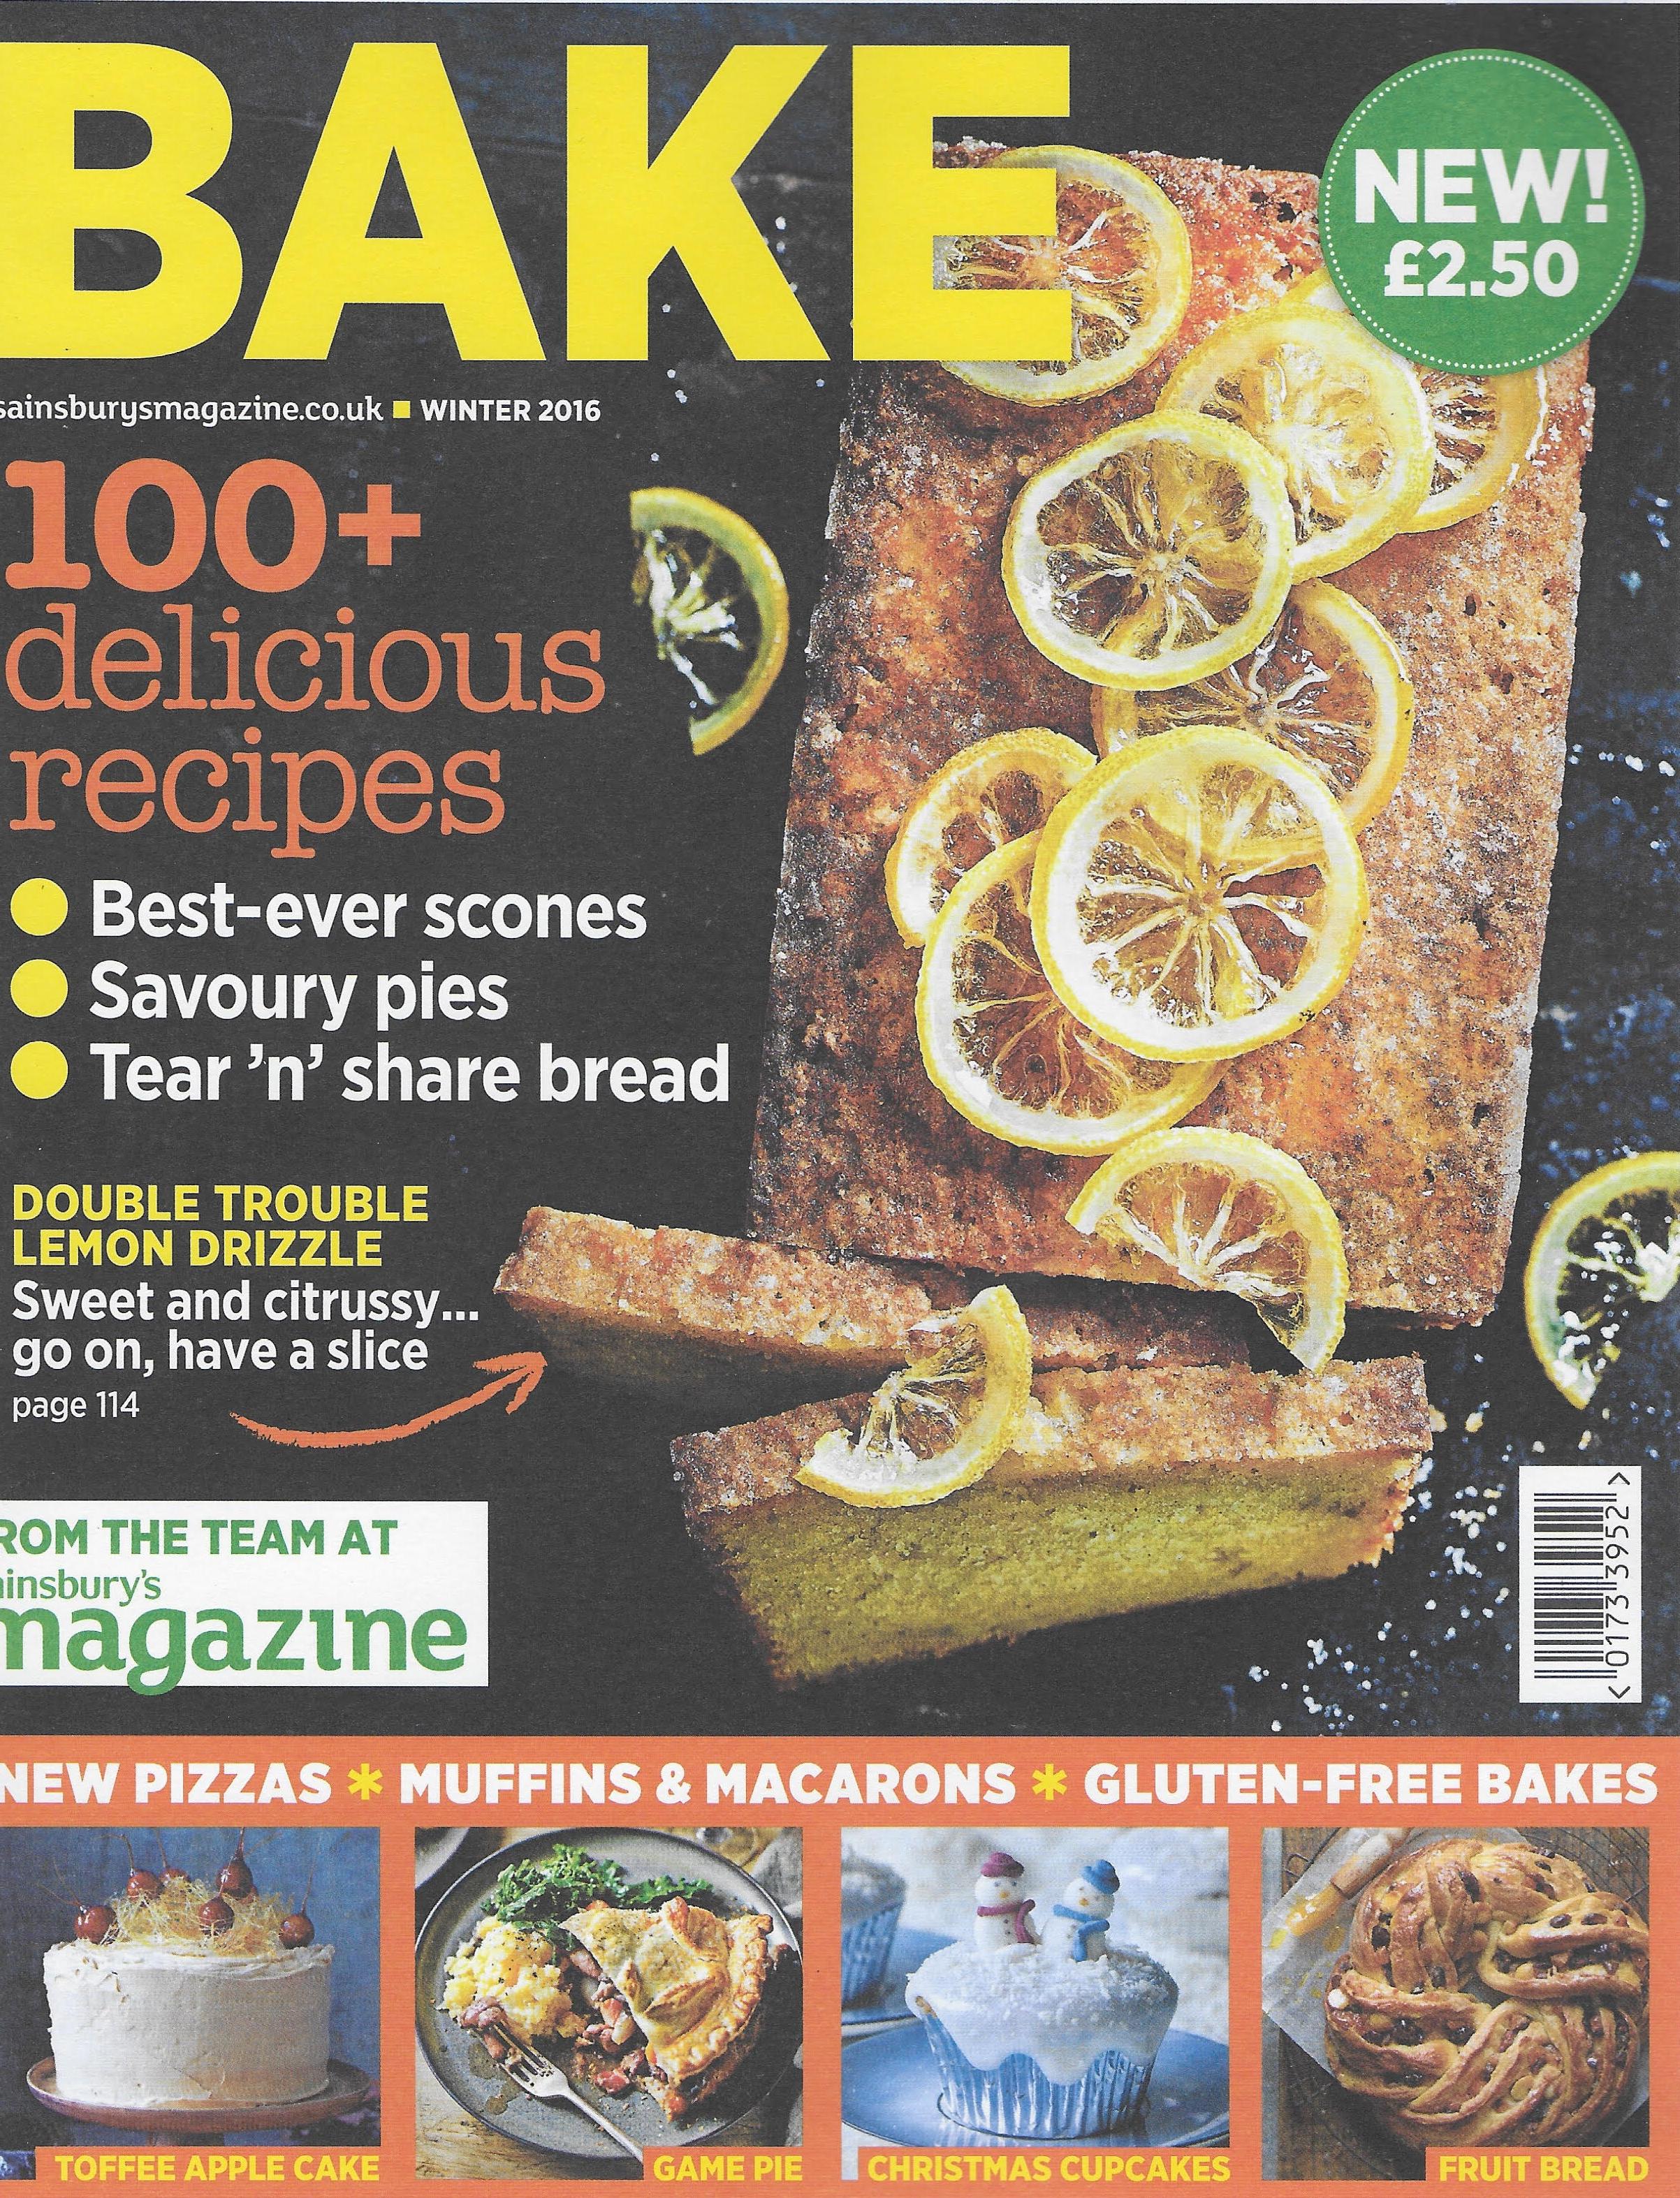 Sainsburys The Bake .jpg